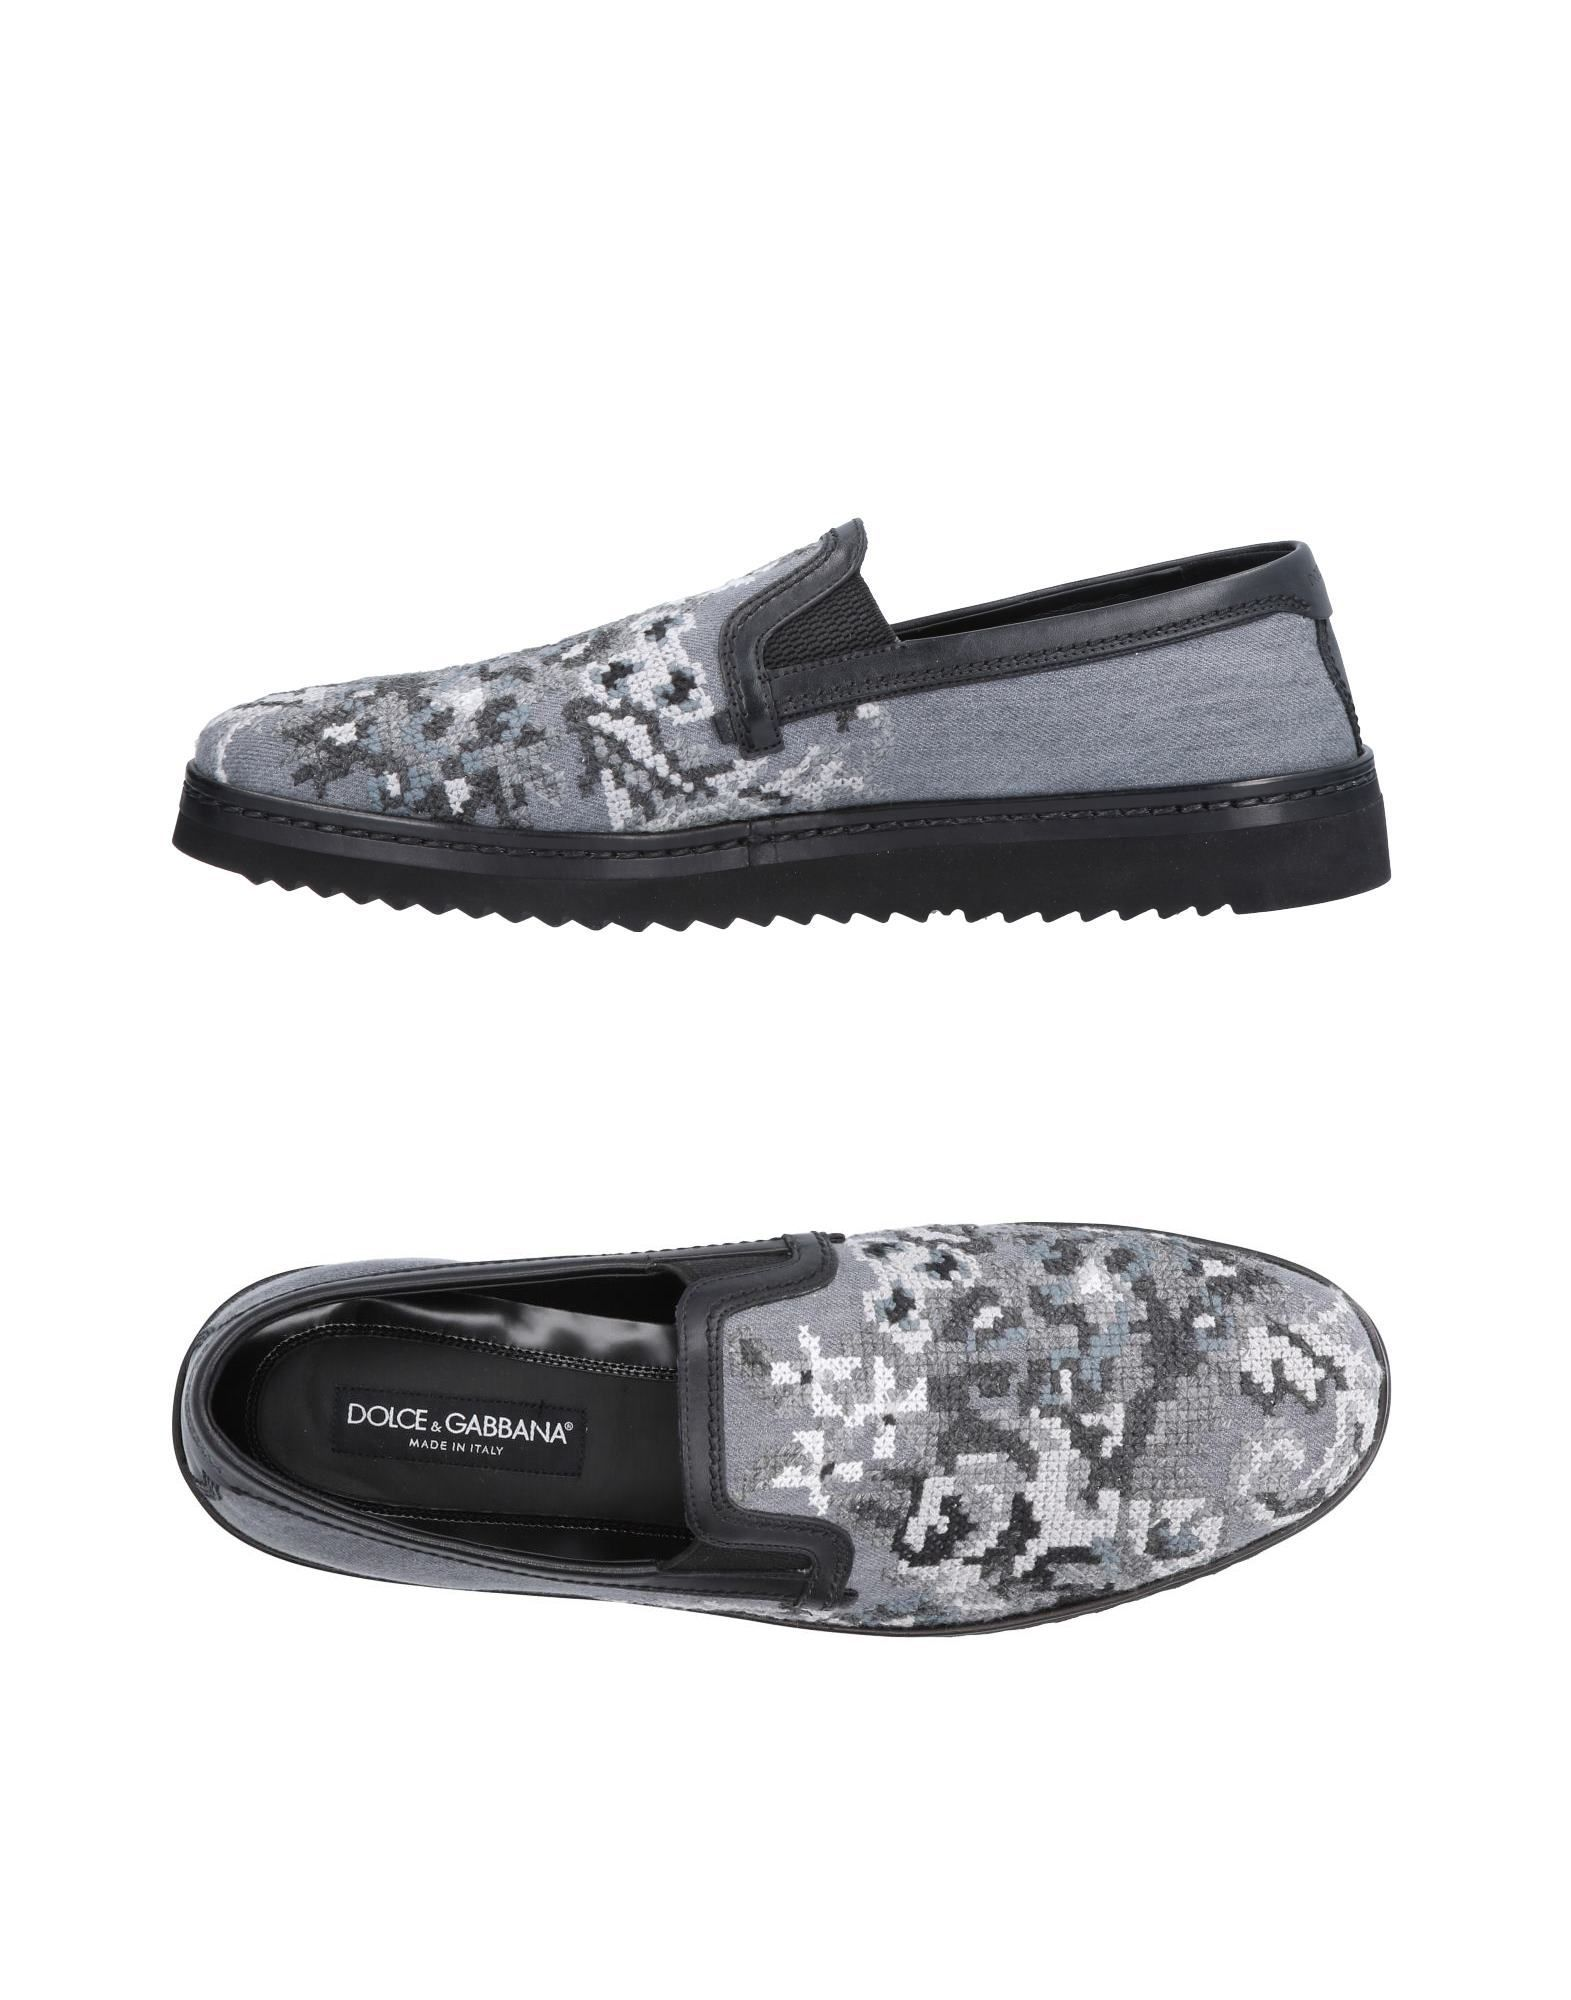 Dolce & Gabbana Sneakers Herren  11488498DL Gute Qualität beliebte Schuhe